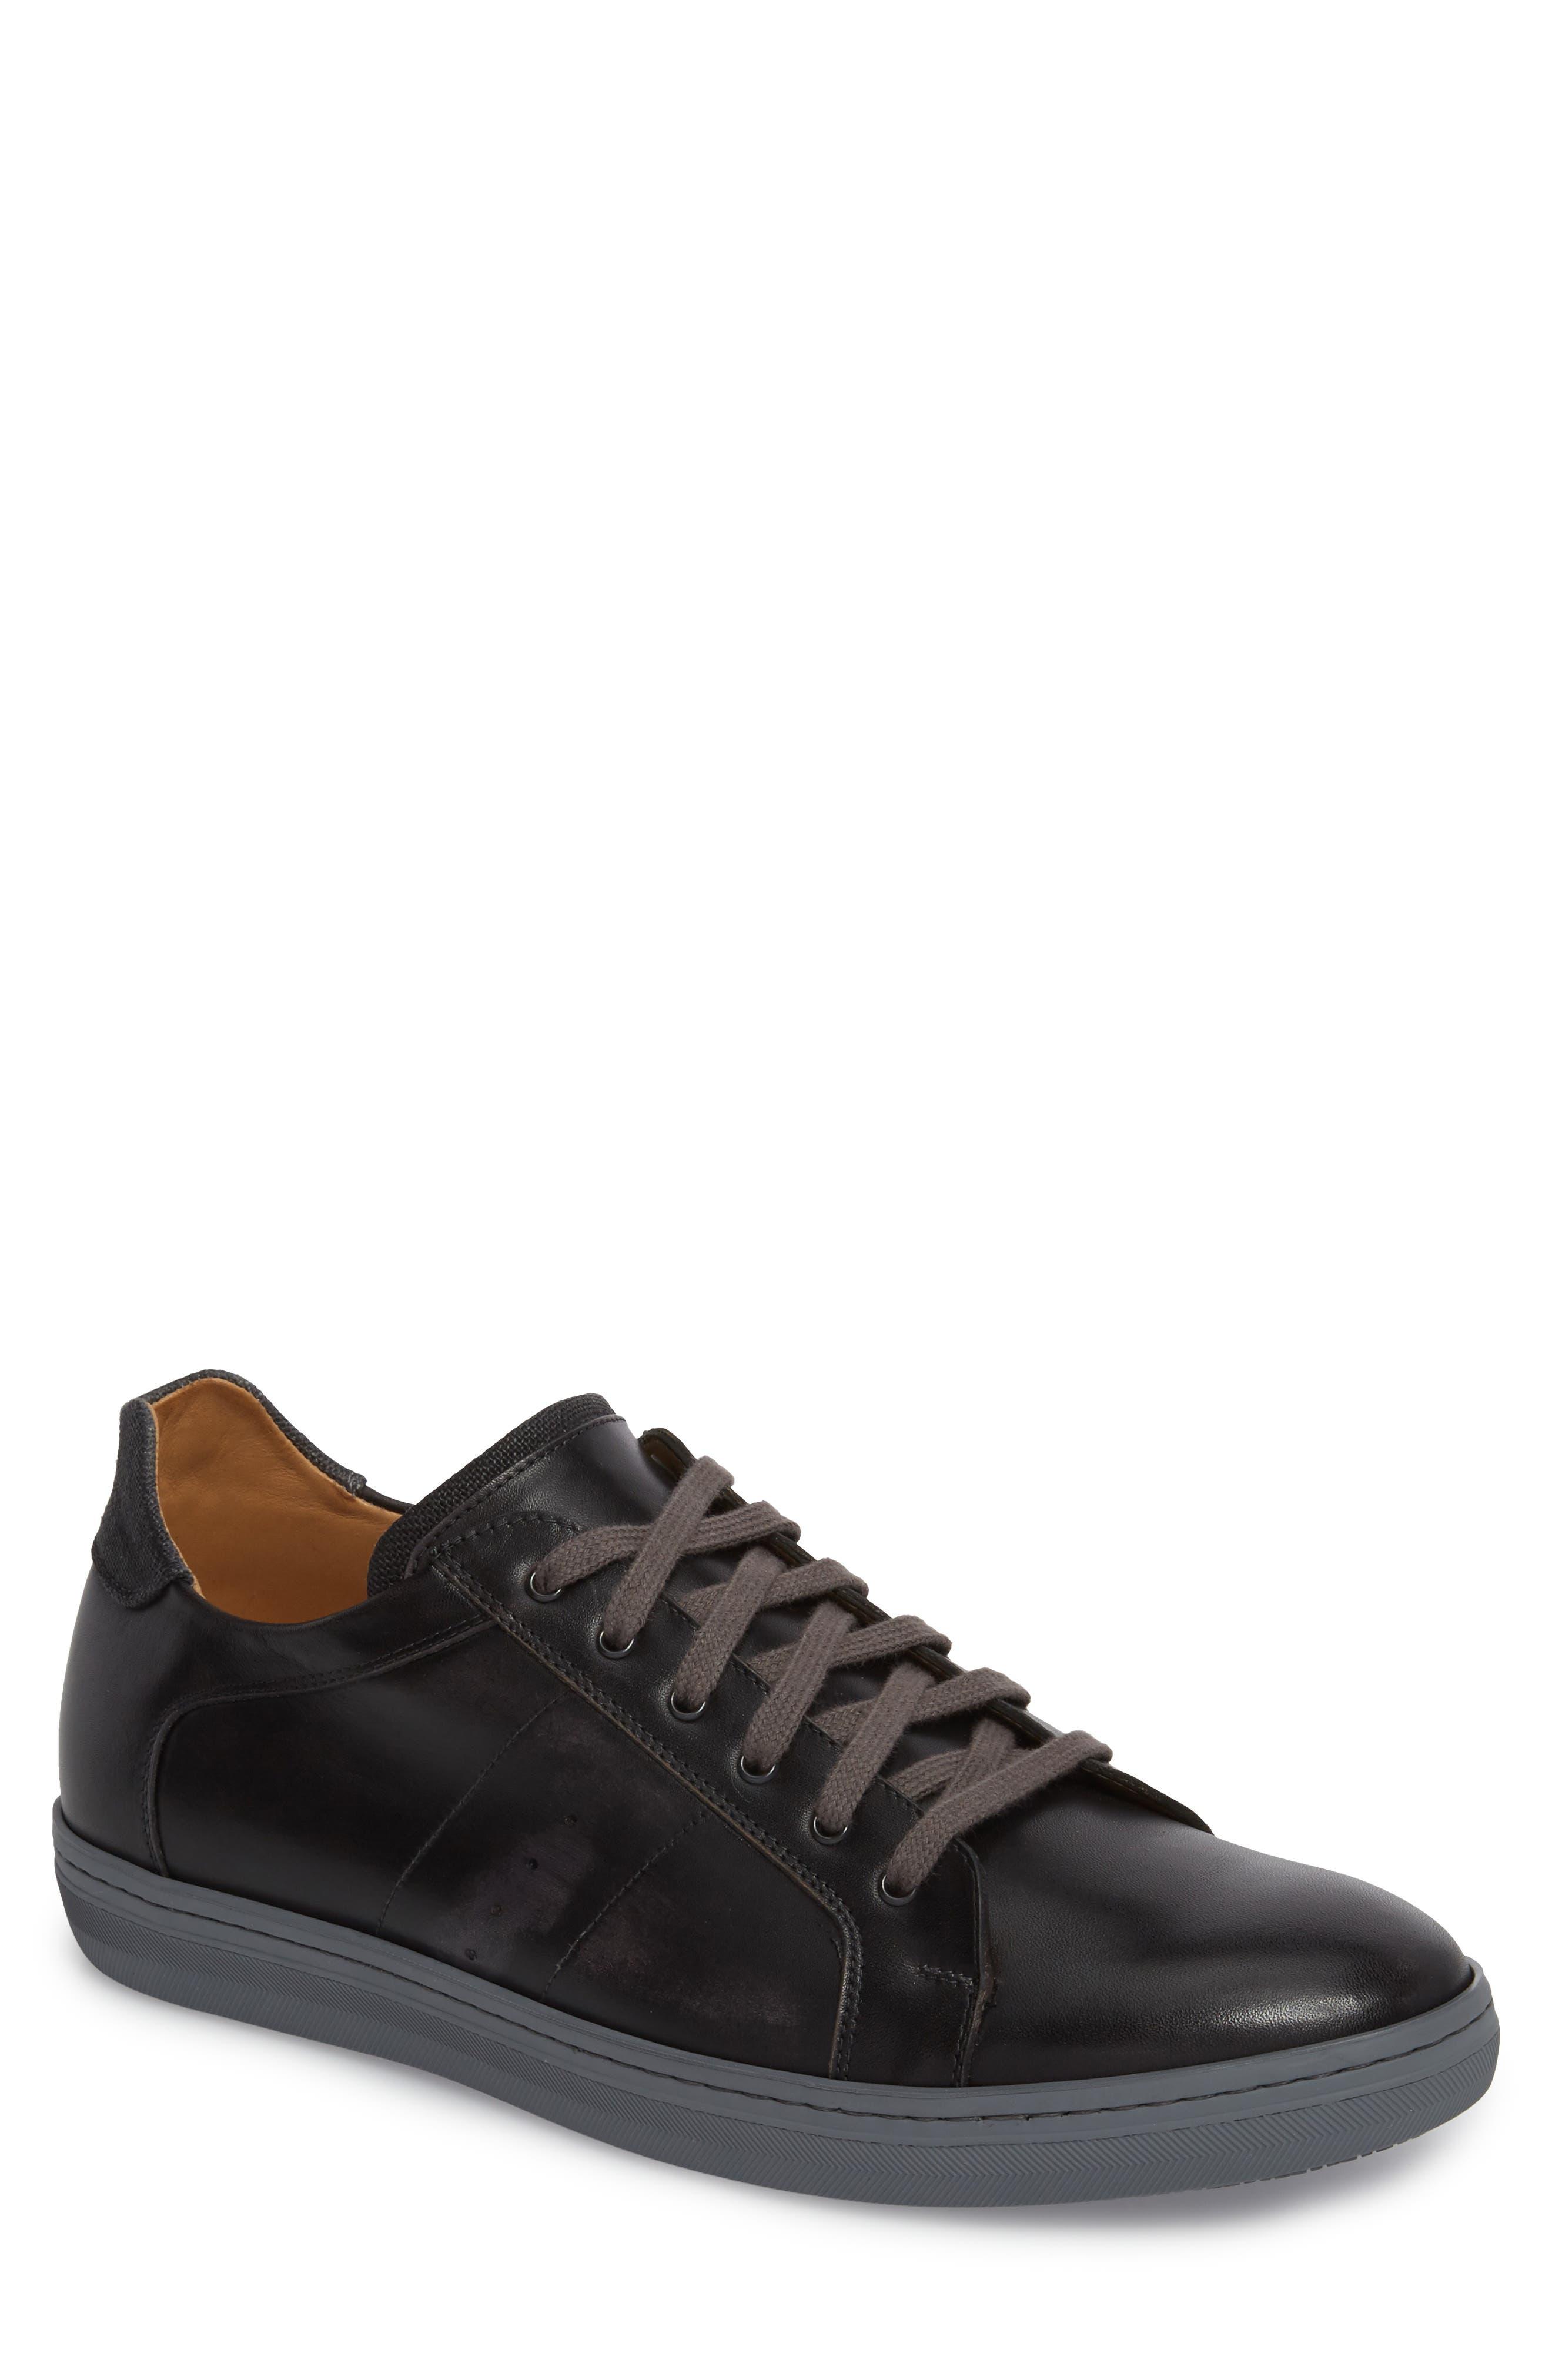 Cuzco Sneaker,                         Main,                         color, GRAPHITE/ BLACK LEATHER